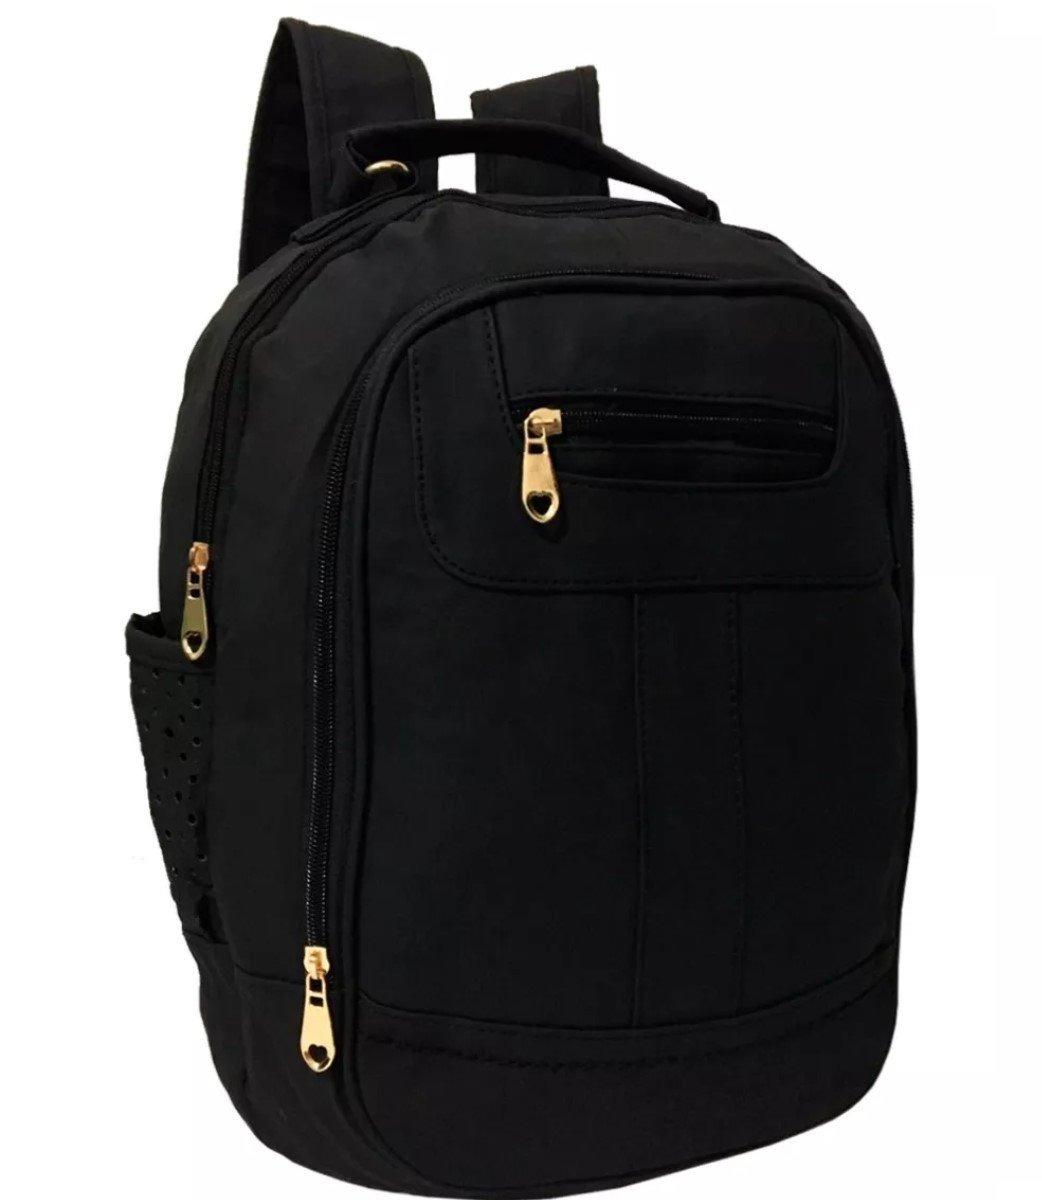 048511b7f mochila bolsa feminina escolar de couro notebook -60% off*. Carregando zoom.